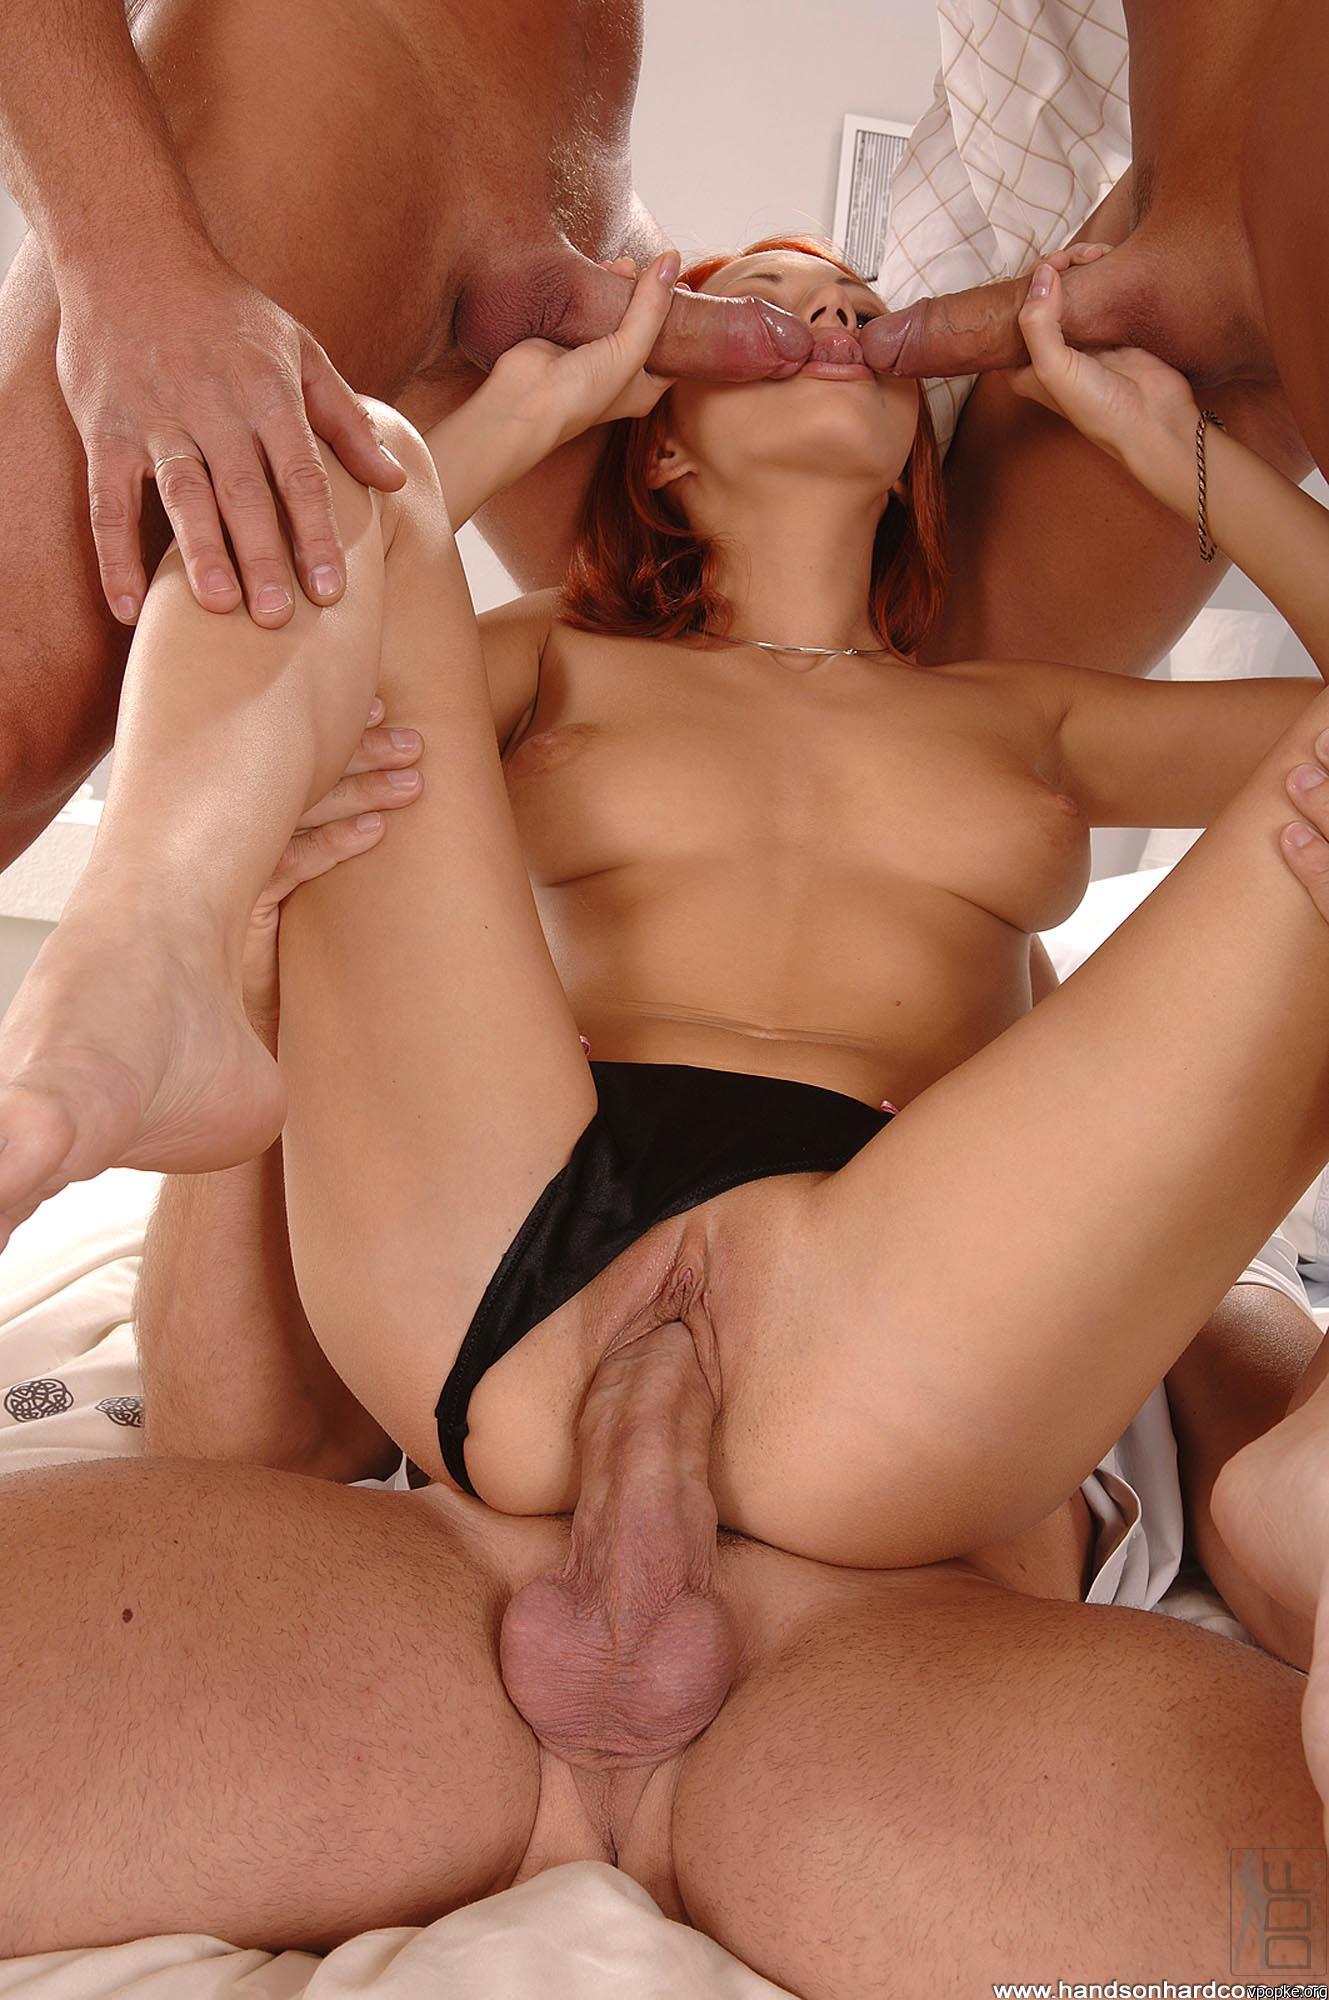 Посмотреть новый эротический ролик — 11